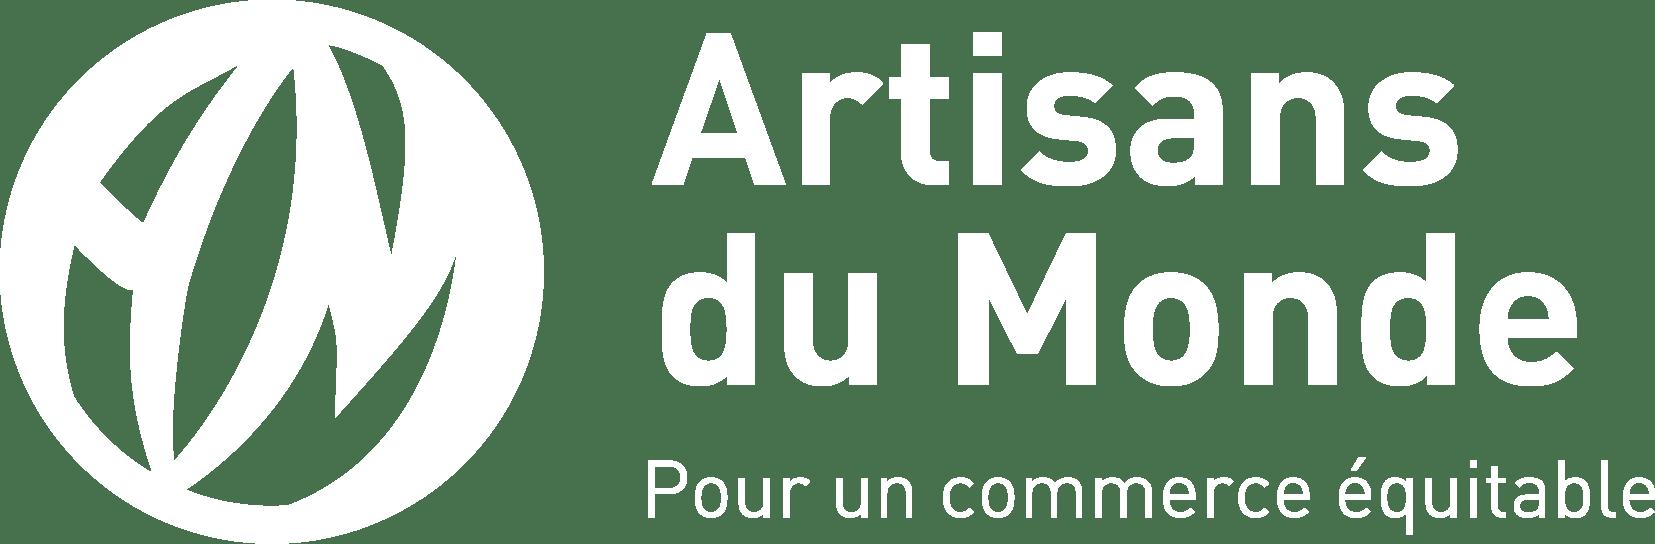 Artisans du Monde - Accueil